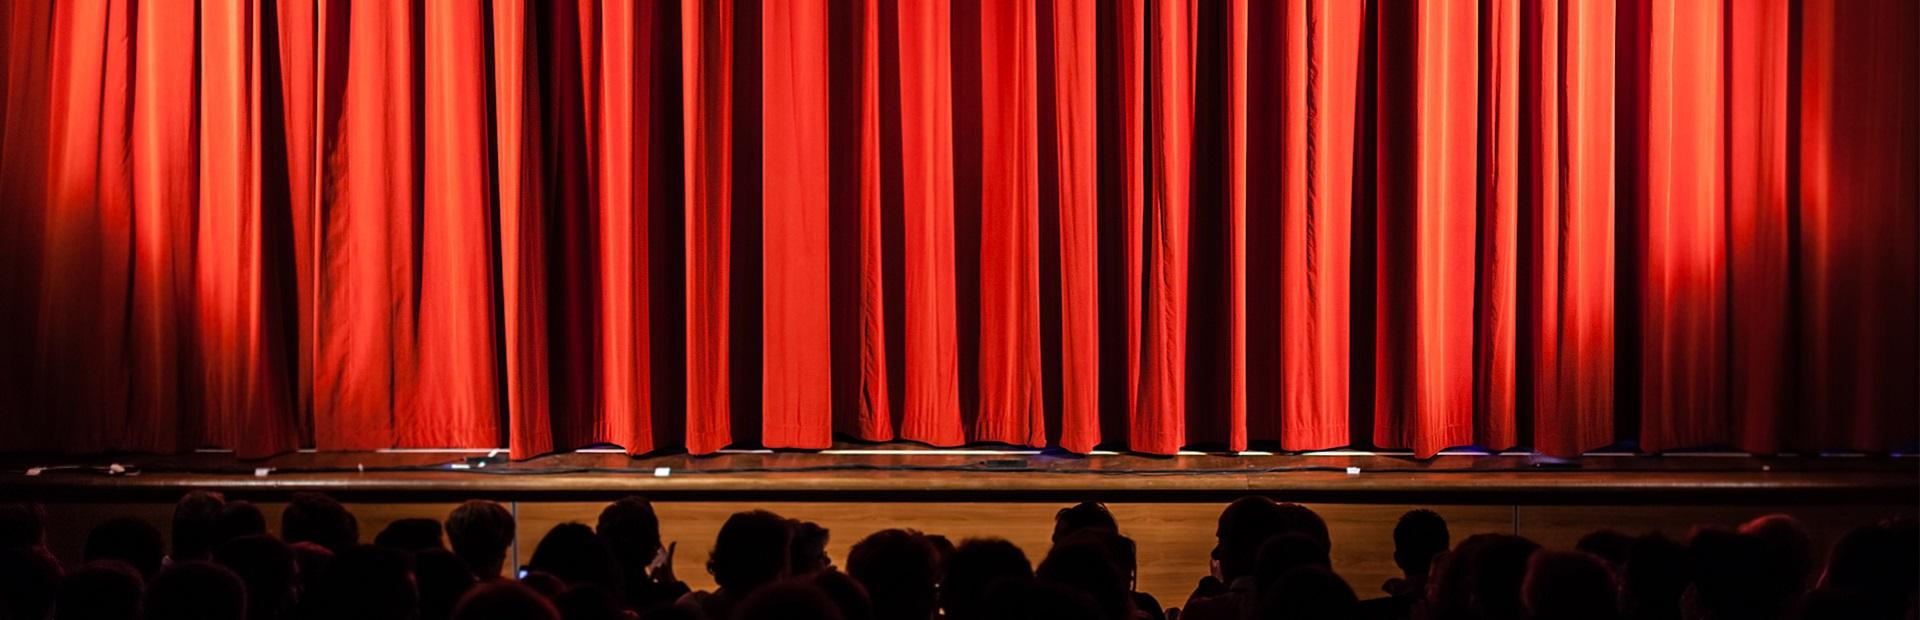 Scena teatralna zasłonięta czerwoną kotarą.